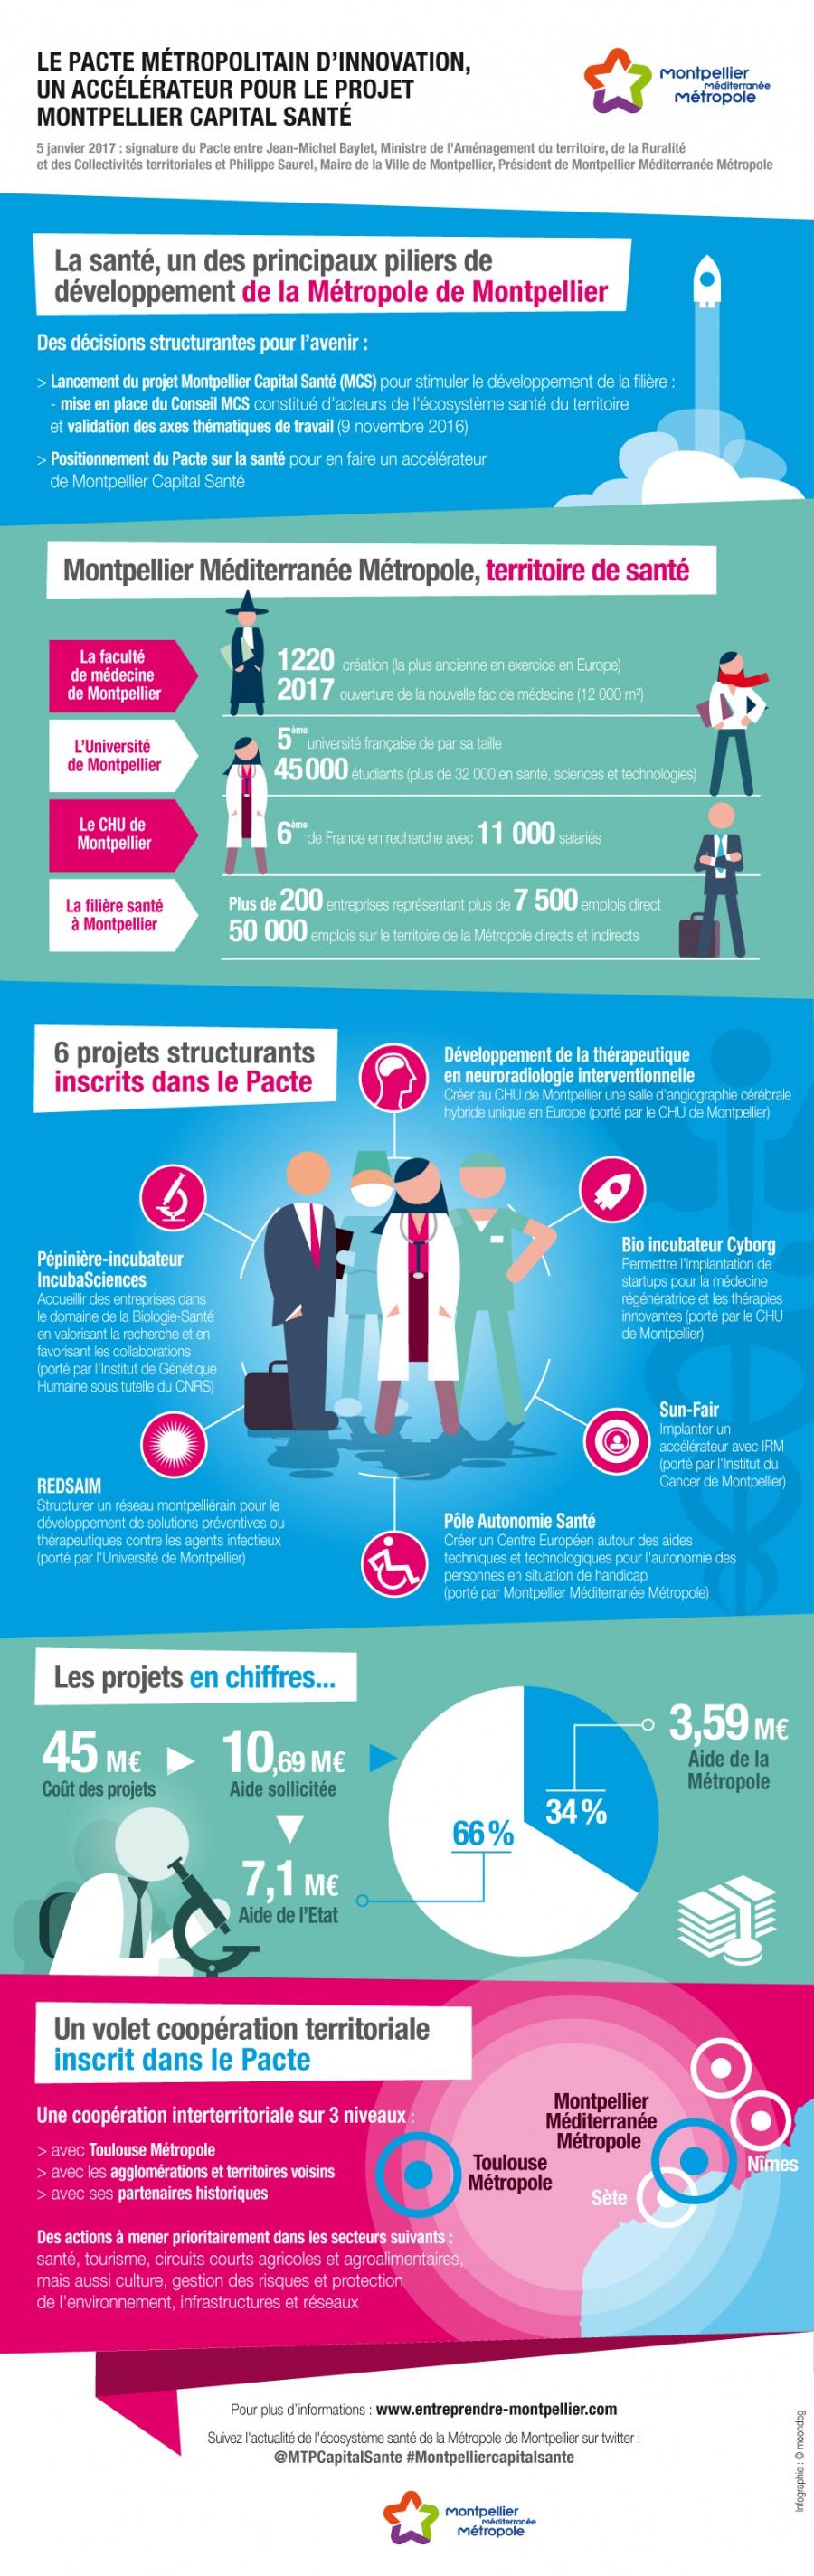 Découvrez le Pacte Etat Métropole de Montpellier Capital Santé en image.